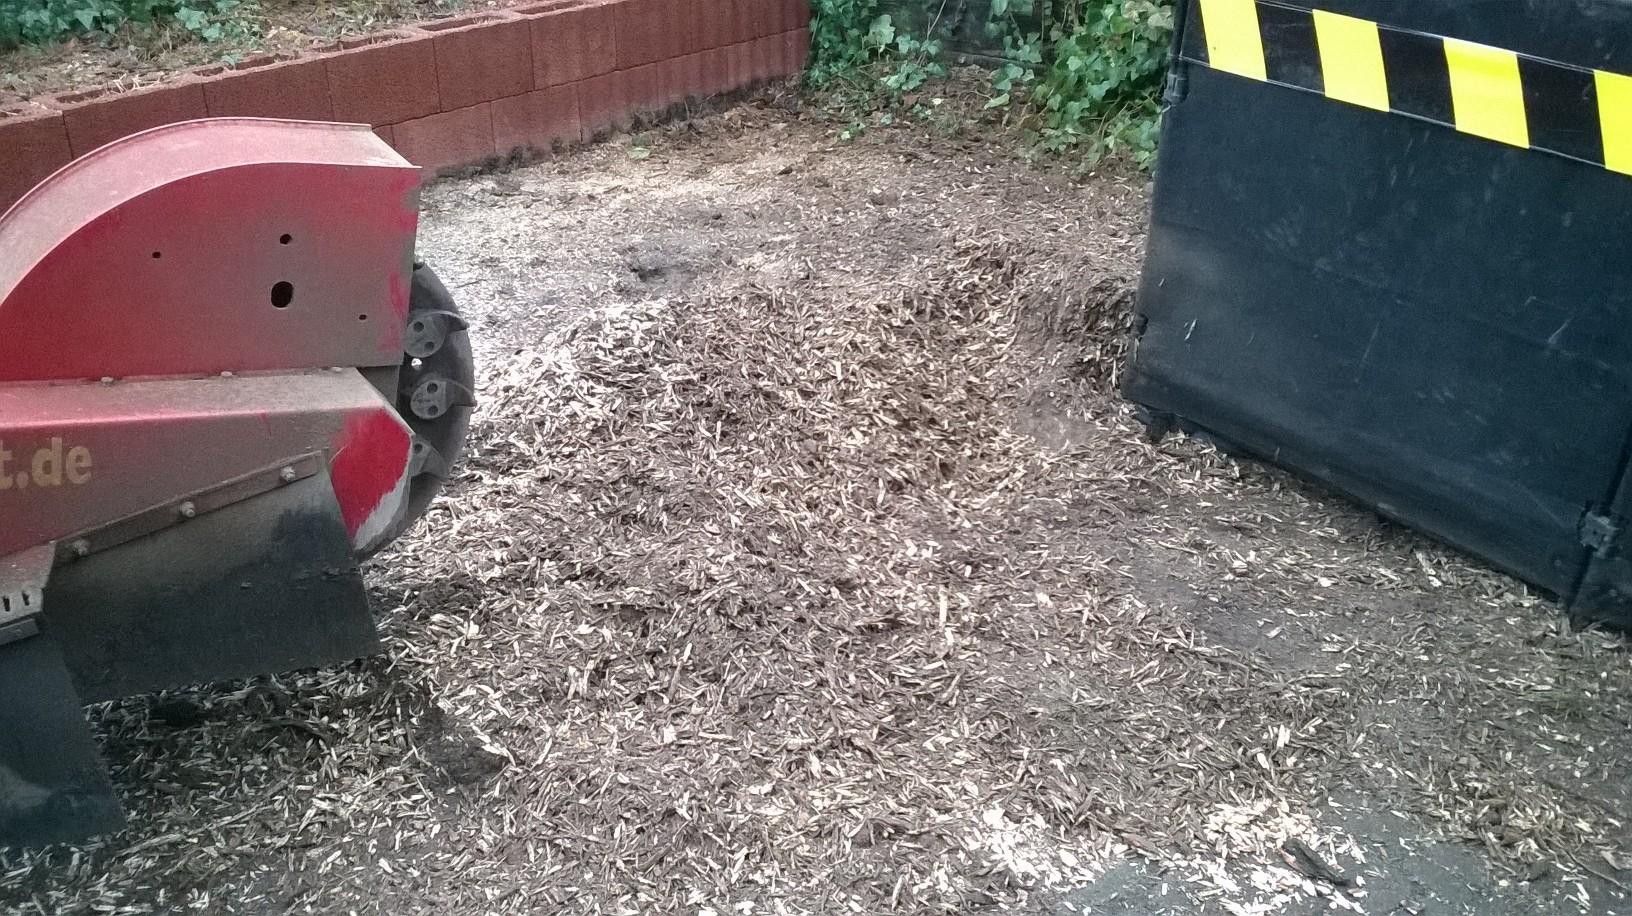 Frässpäne können zum Mulchen verwendet werden.